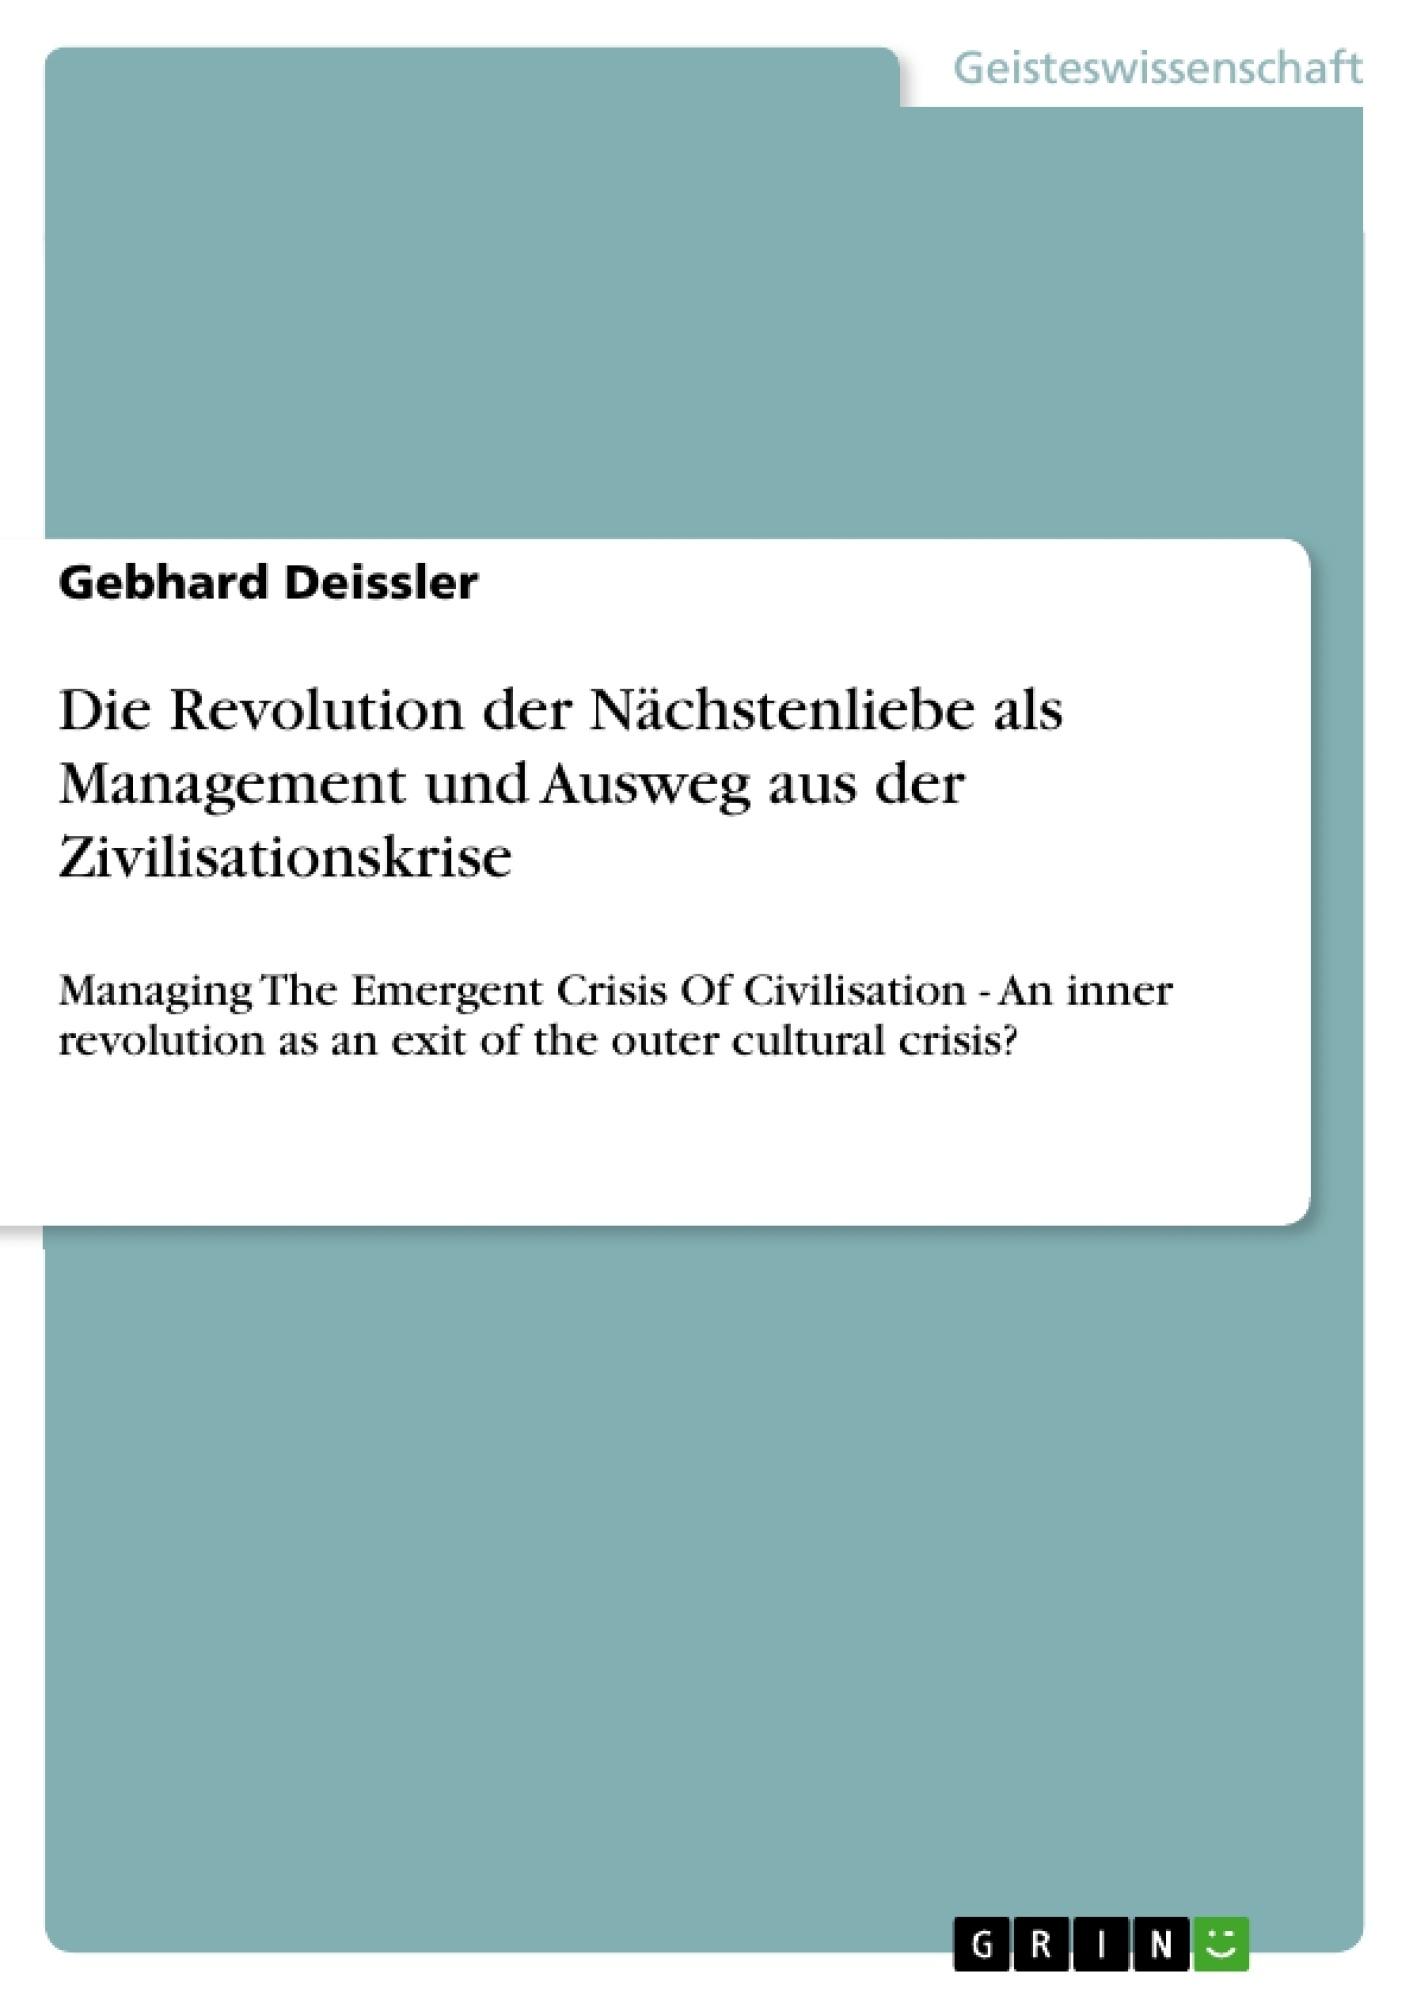 Titel: Die Revolution der Nächstenliebe als Management und Ausweg aus der Zivilisationskrise